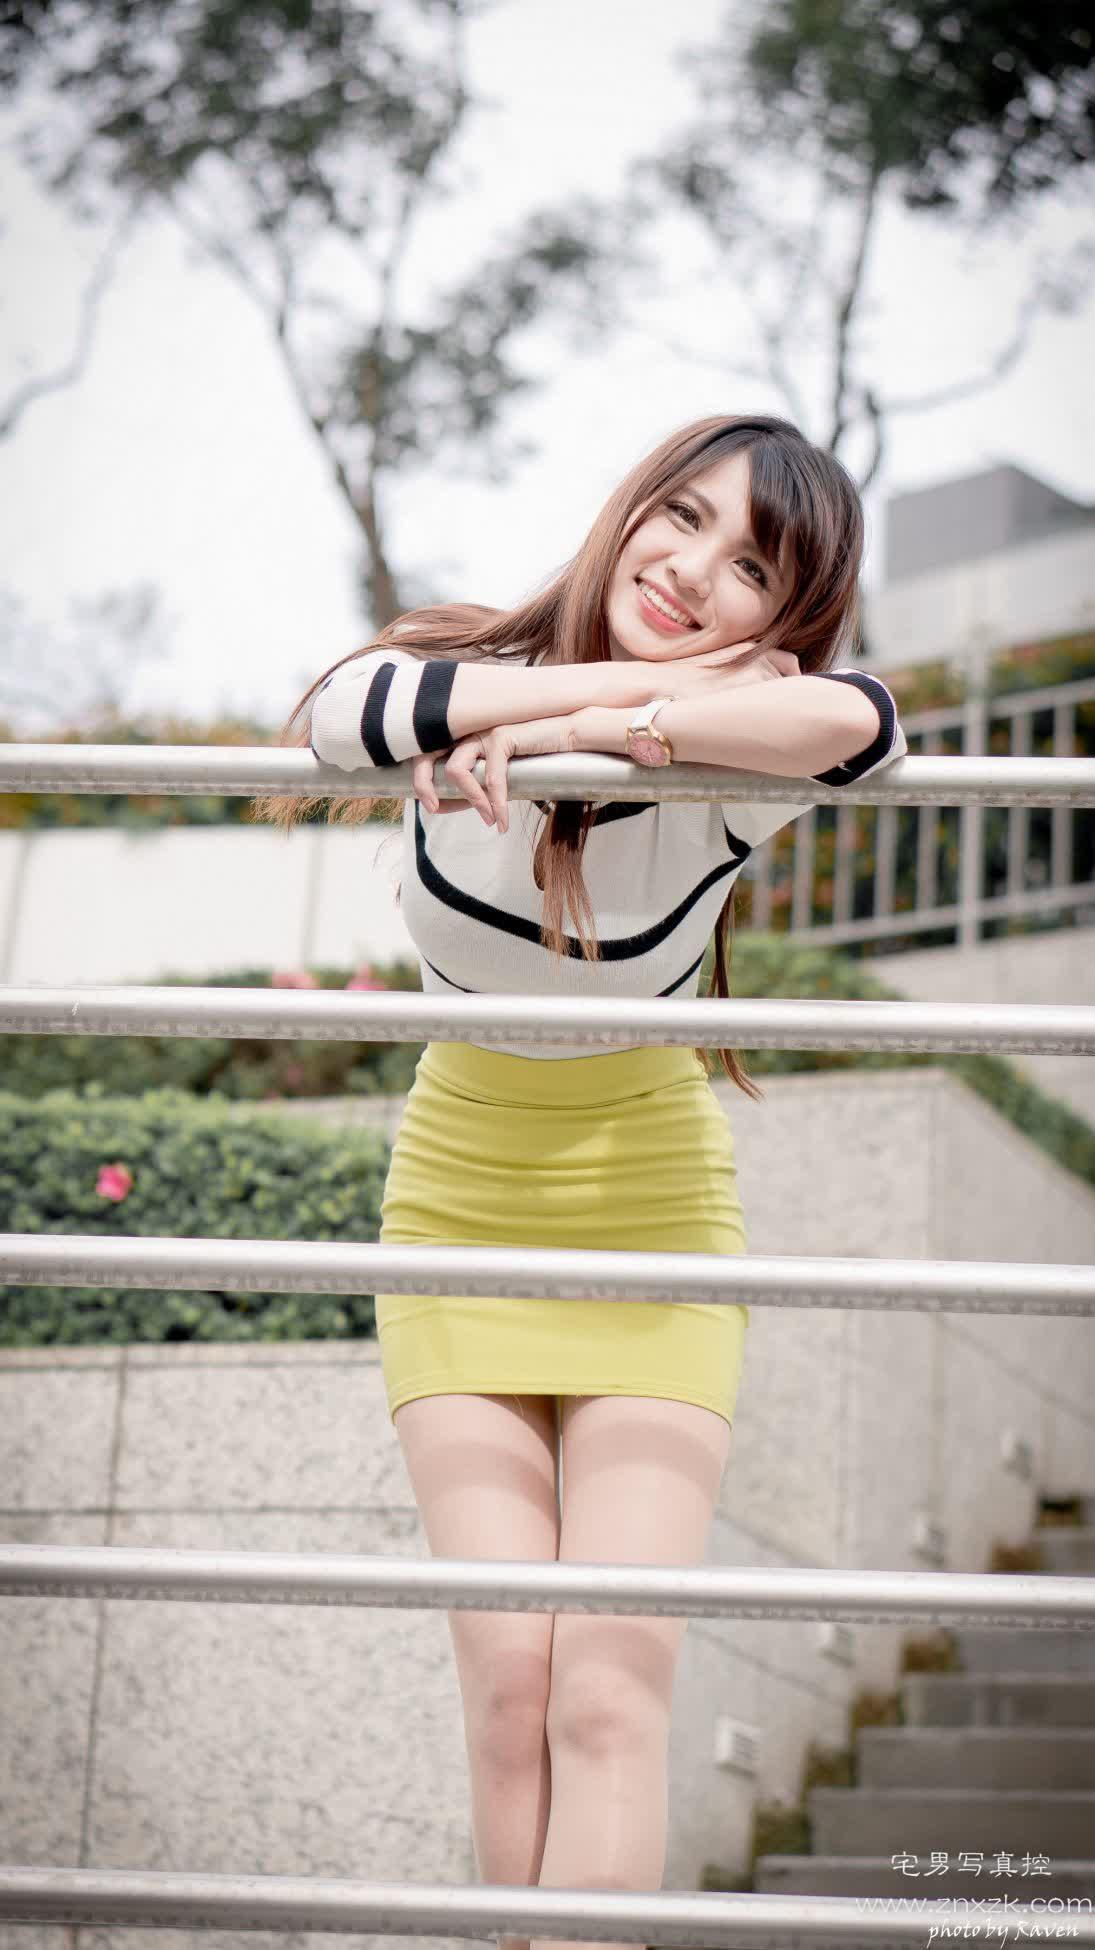 台湾腿模丝袜美腿高跟鞋外拍 蔡譯心 黃短裙絲襪高跟美腿